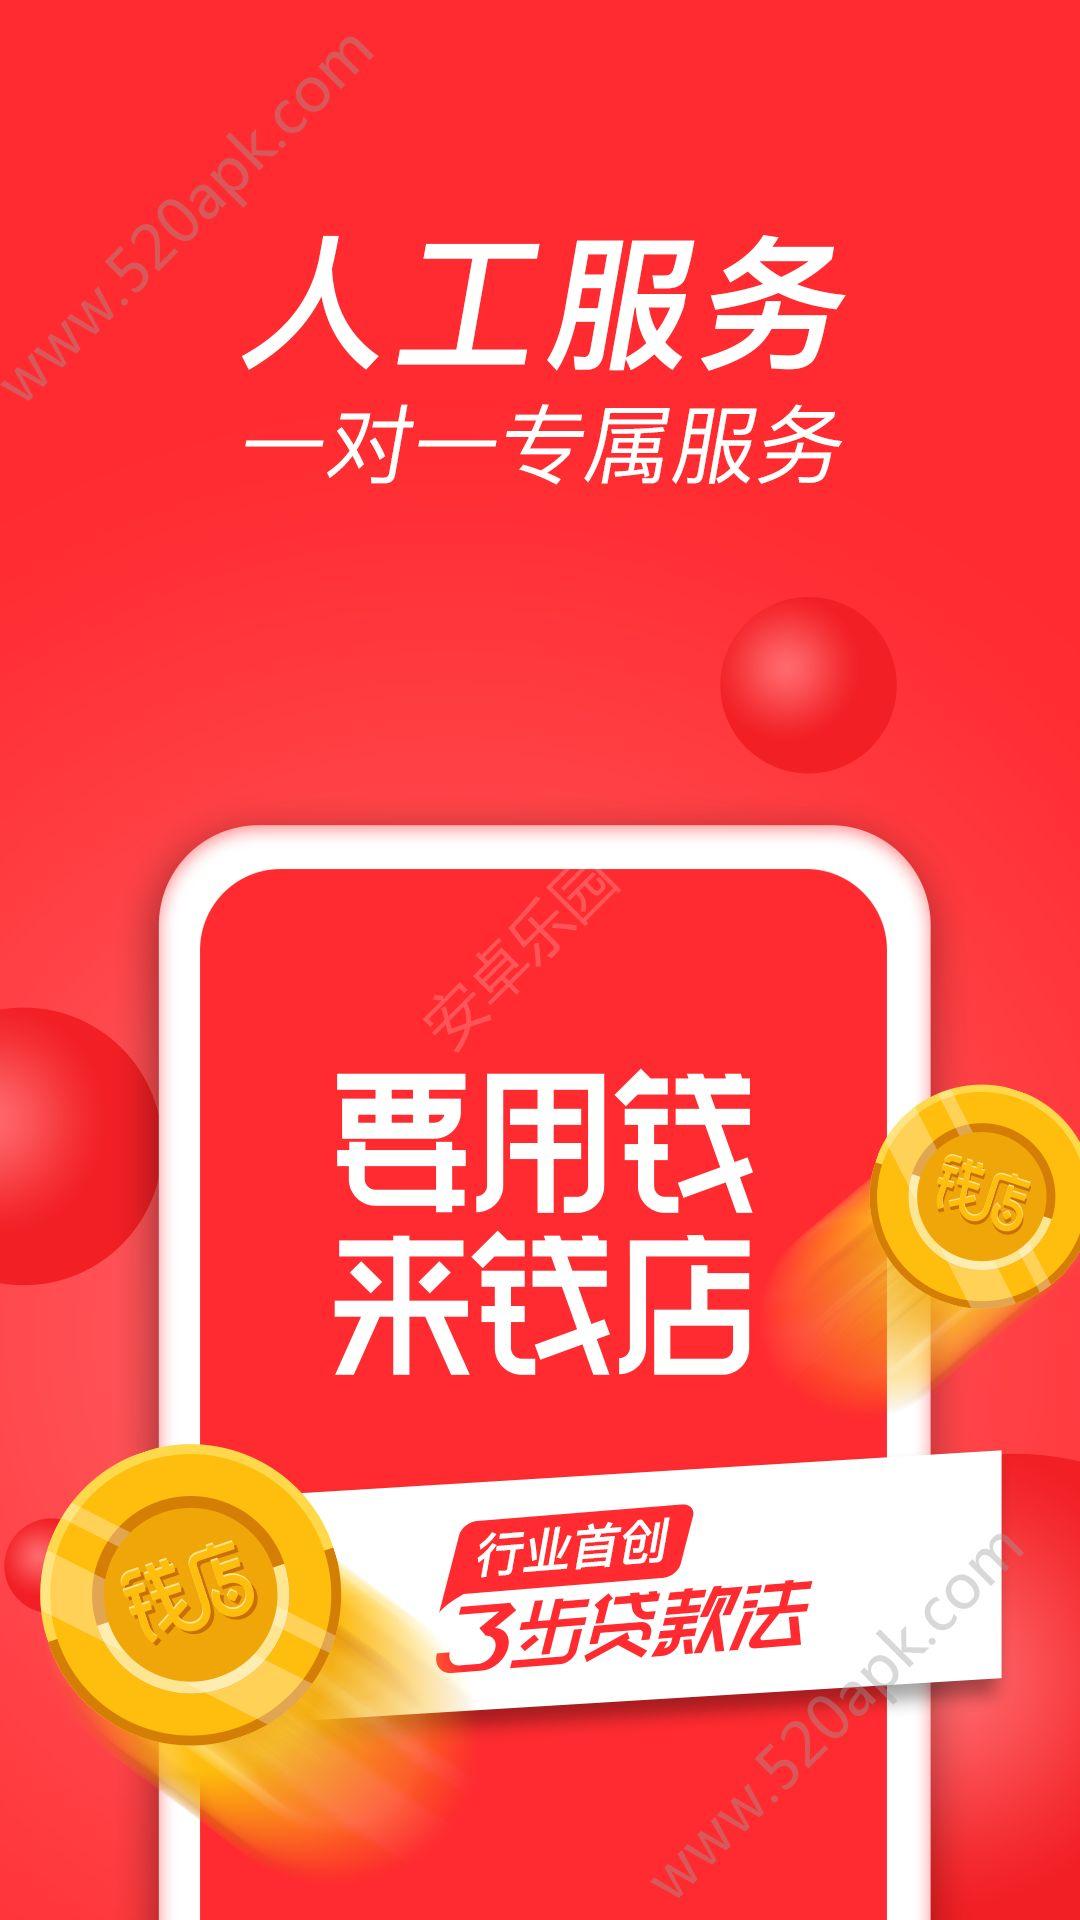 捞金袋手机贷款App官方口子安卓版  v1.0图2